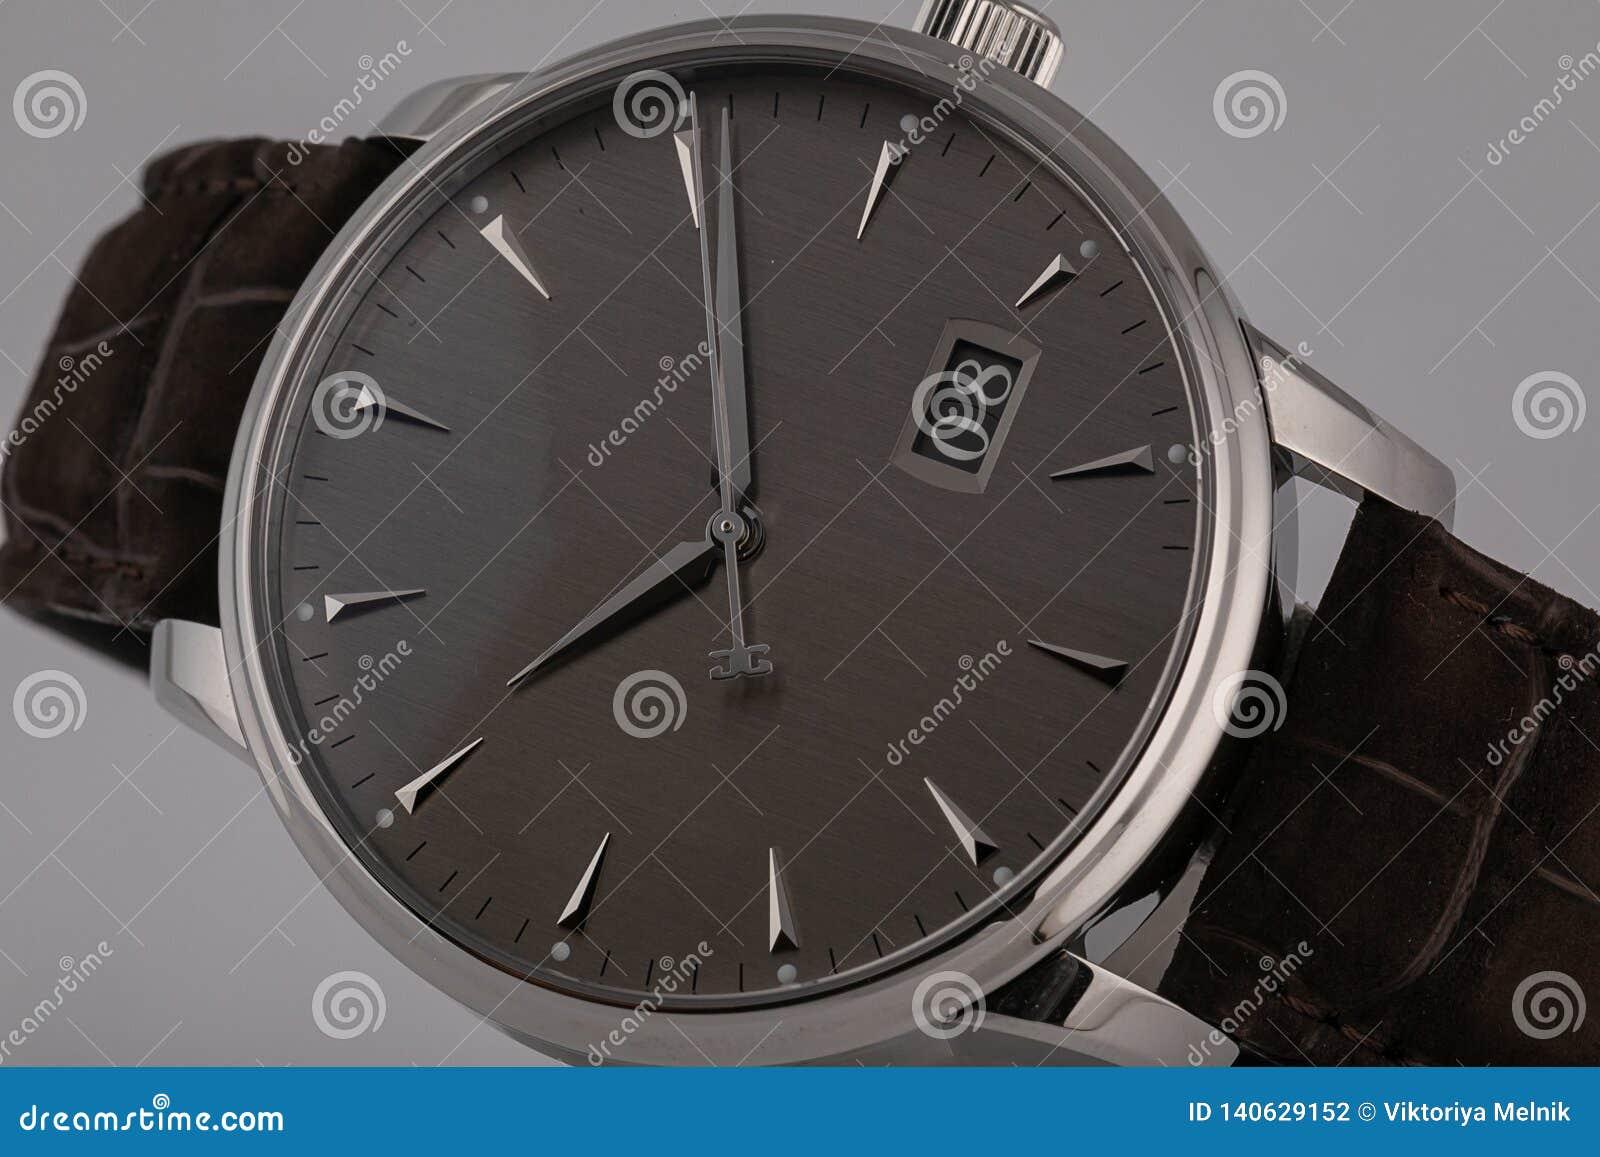 有顺时针方向棕色皮带的,灰色拨号盘人的手表,在银色身体,测时器,黑,数字隔绝在灰色背景